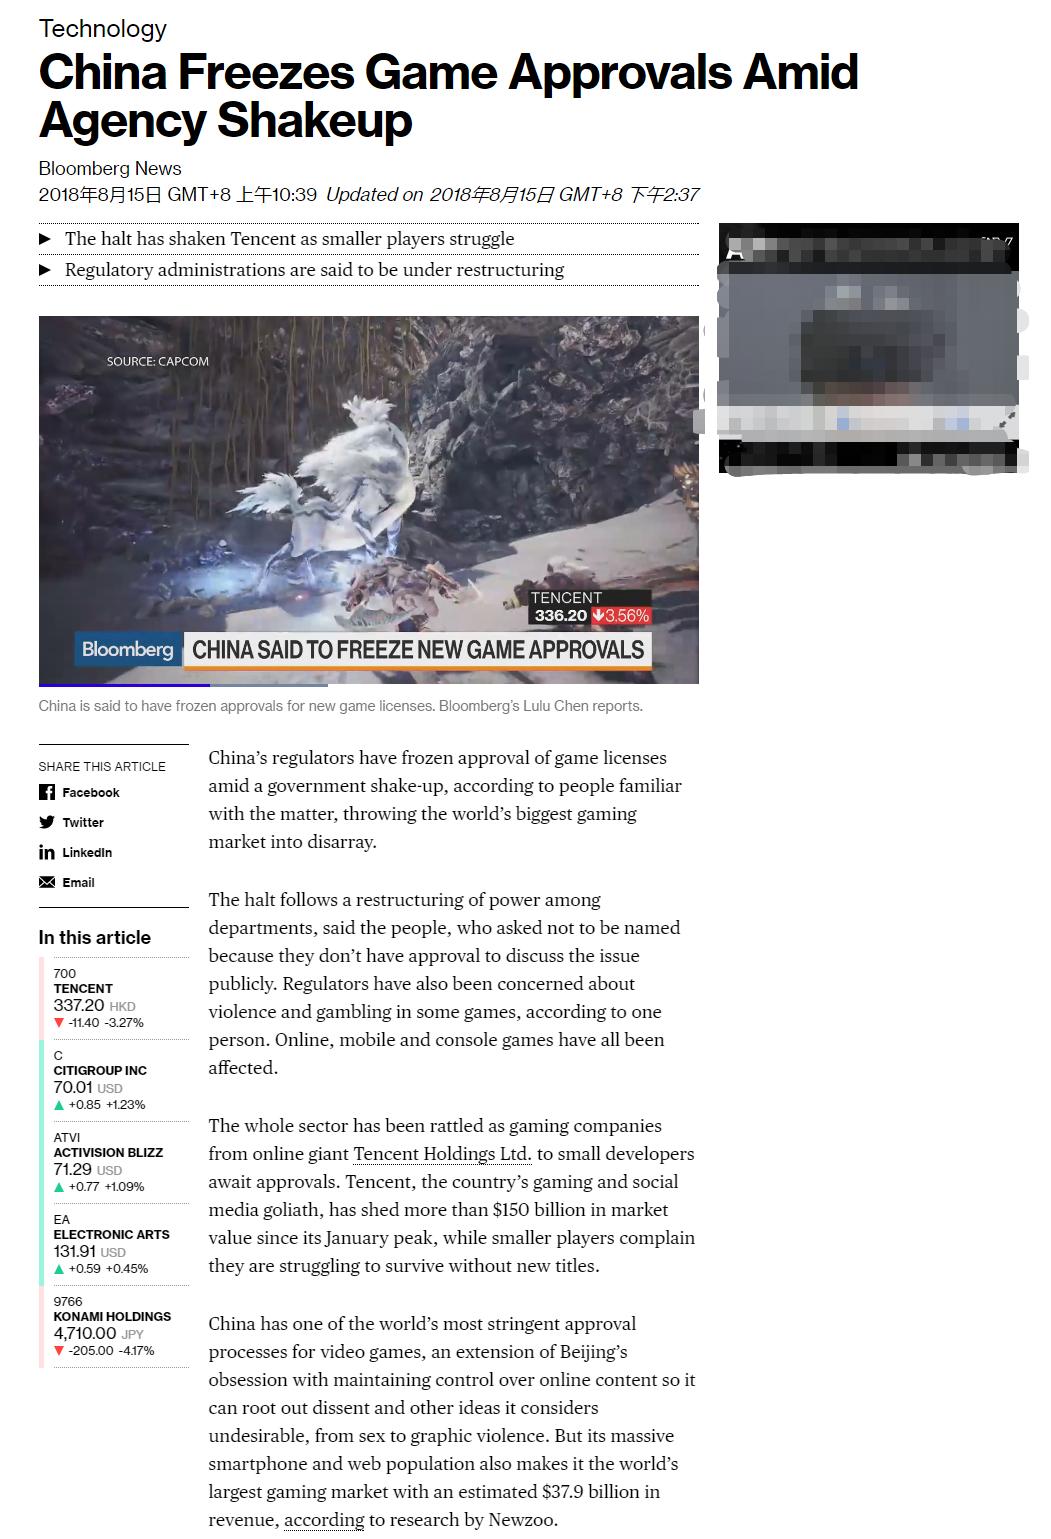 彭博社:机构改革调整之际将冻结网游版号审批